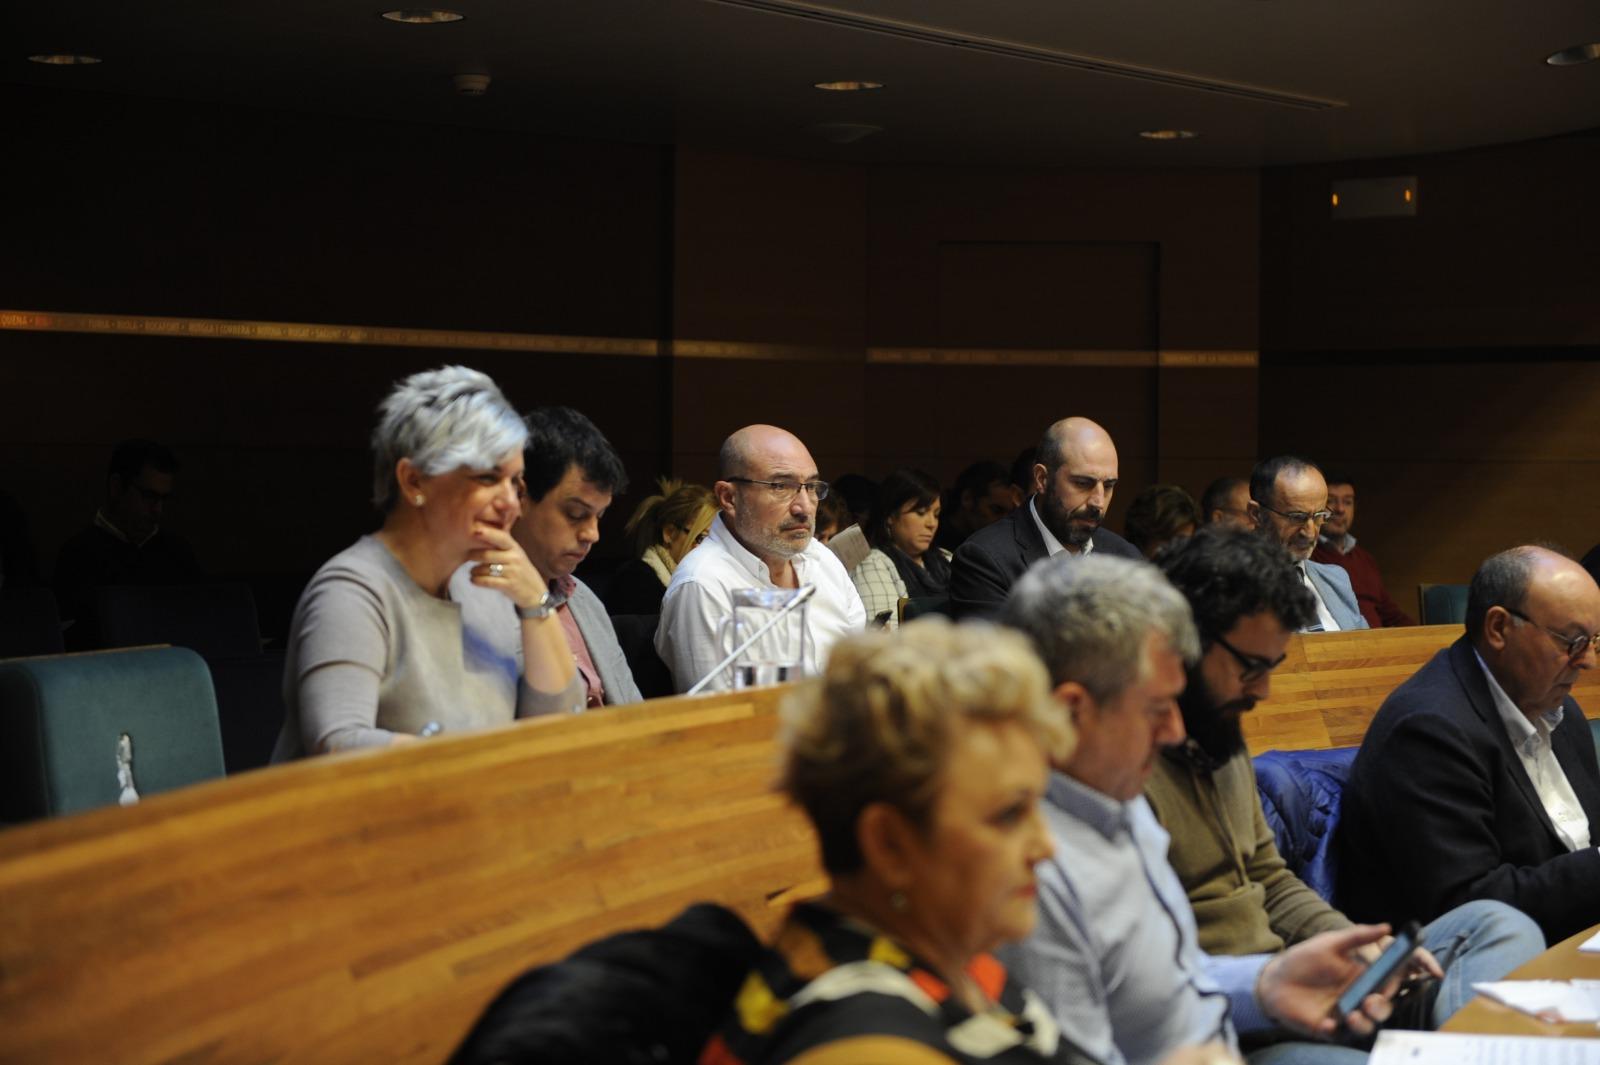 Todos los grupos políticos de la Diputació de València han apoyado esta declaración institucional, impulsada por el área de Cultura de la Diputació a petición de los ayuntamientos de Llíria y Buñol.